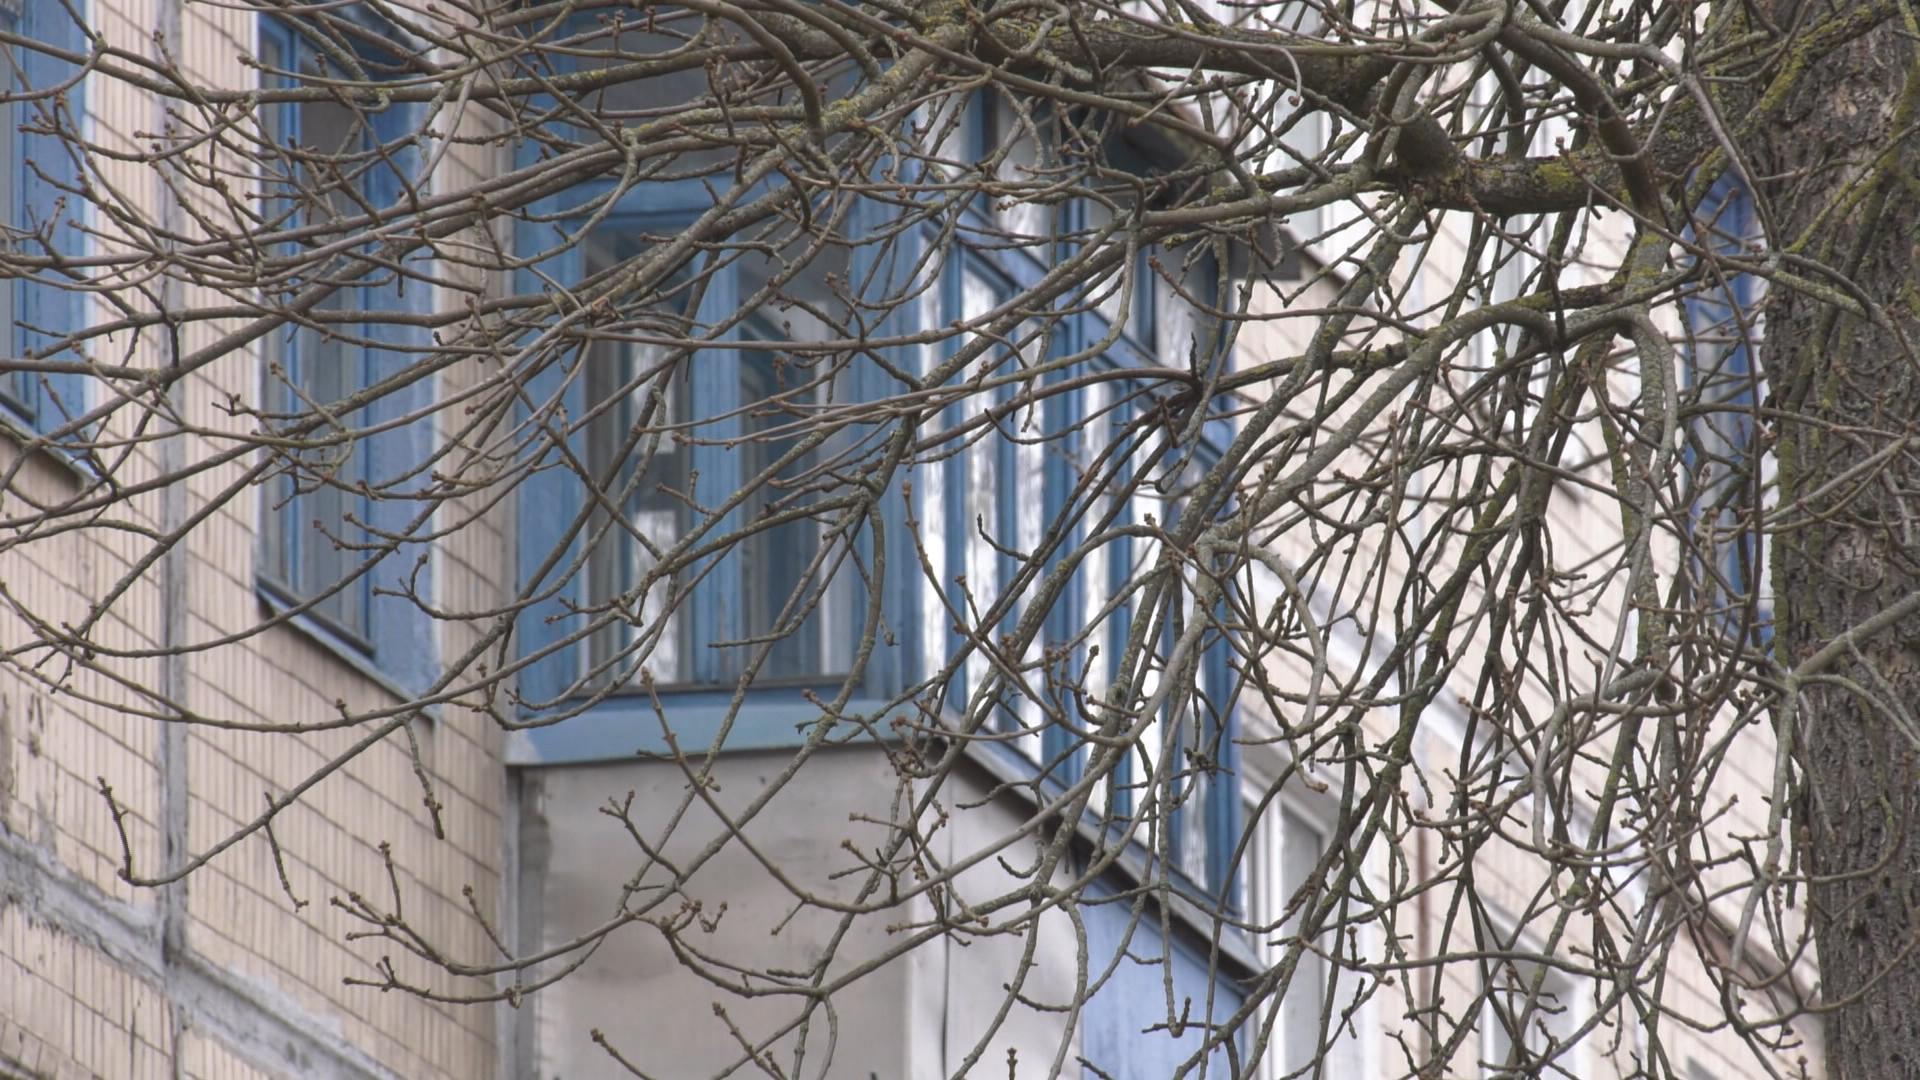 derevja - Обрезка аварийных деревьев. Как организована работа в Витебске? (видео)